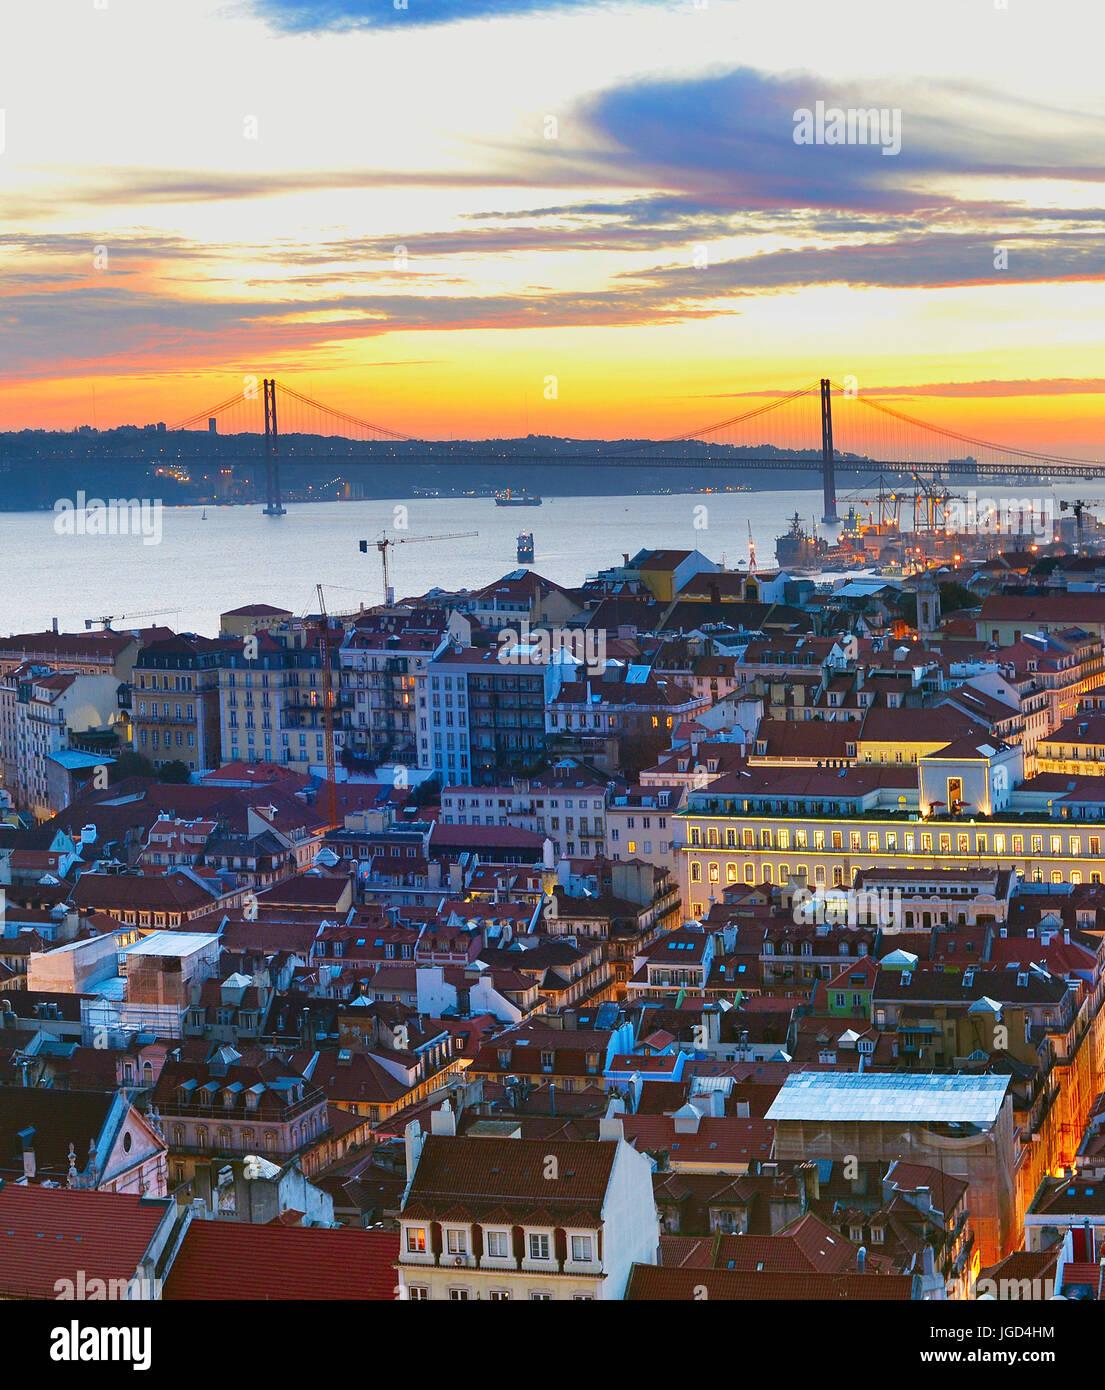 Il diametro esterno di Lisbona vista città nella bellissima twilight. Portogallo Immagini Stock